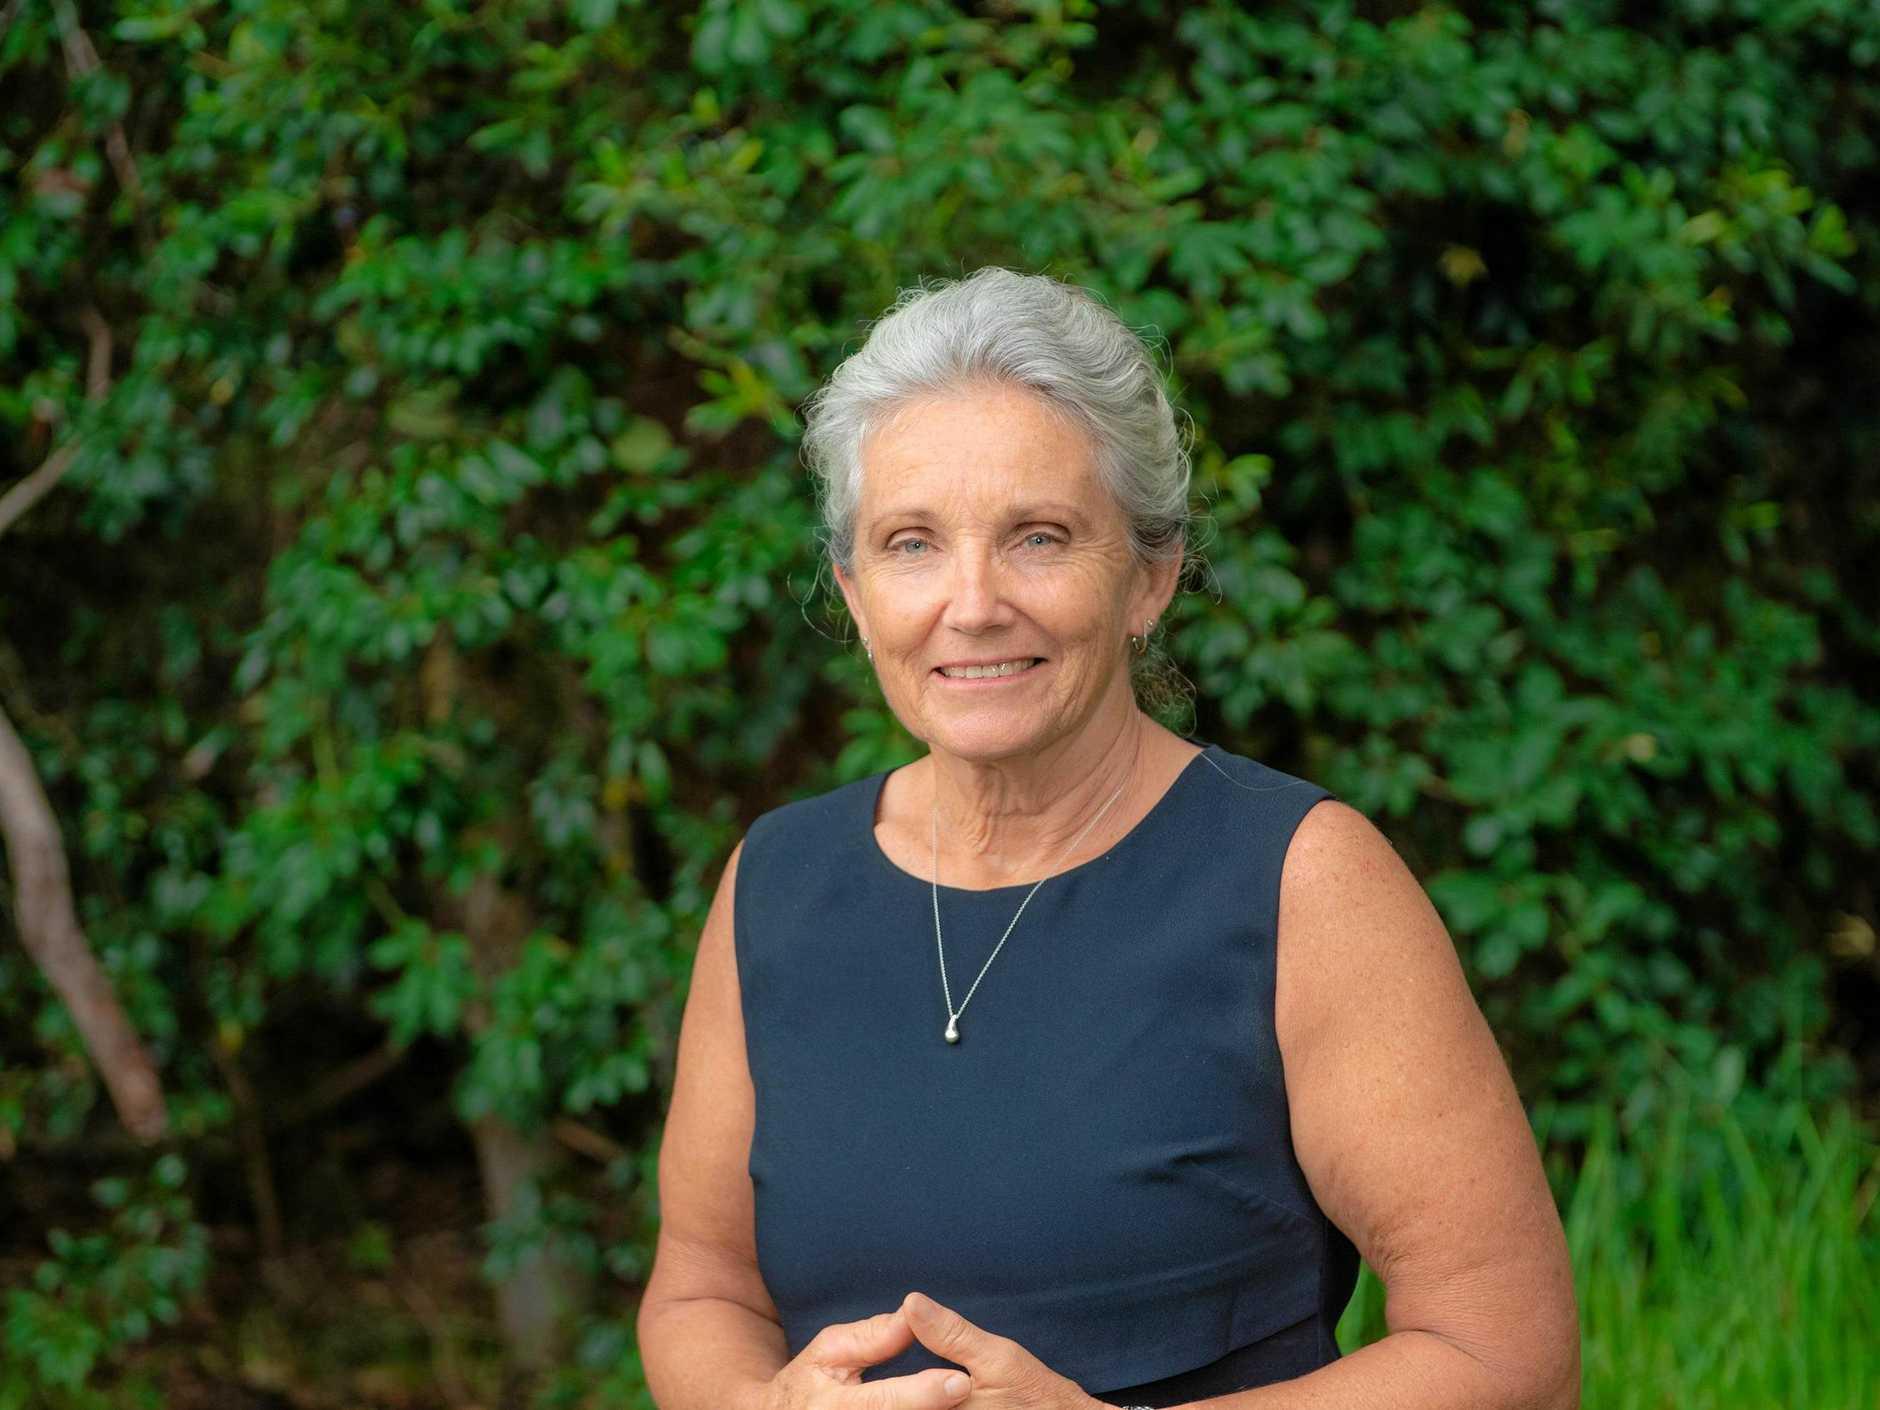 Ann Leonard: